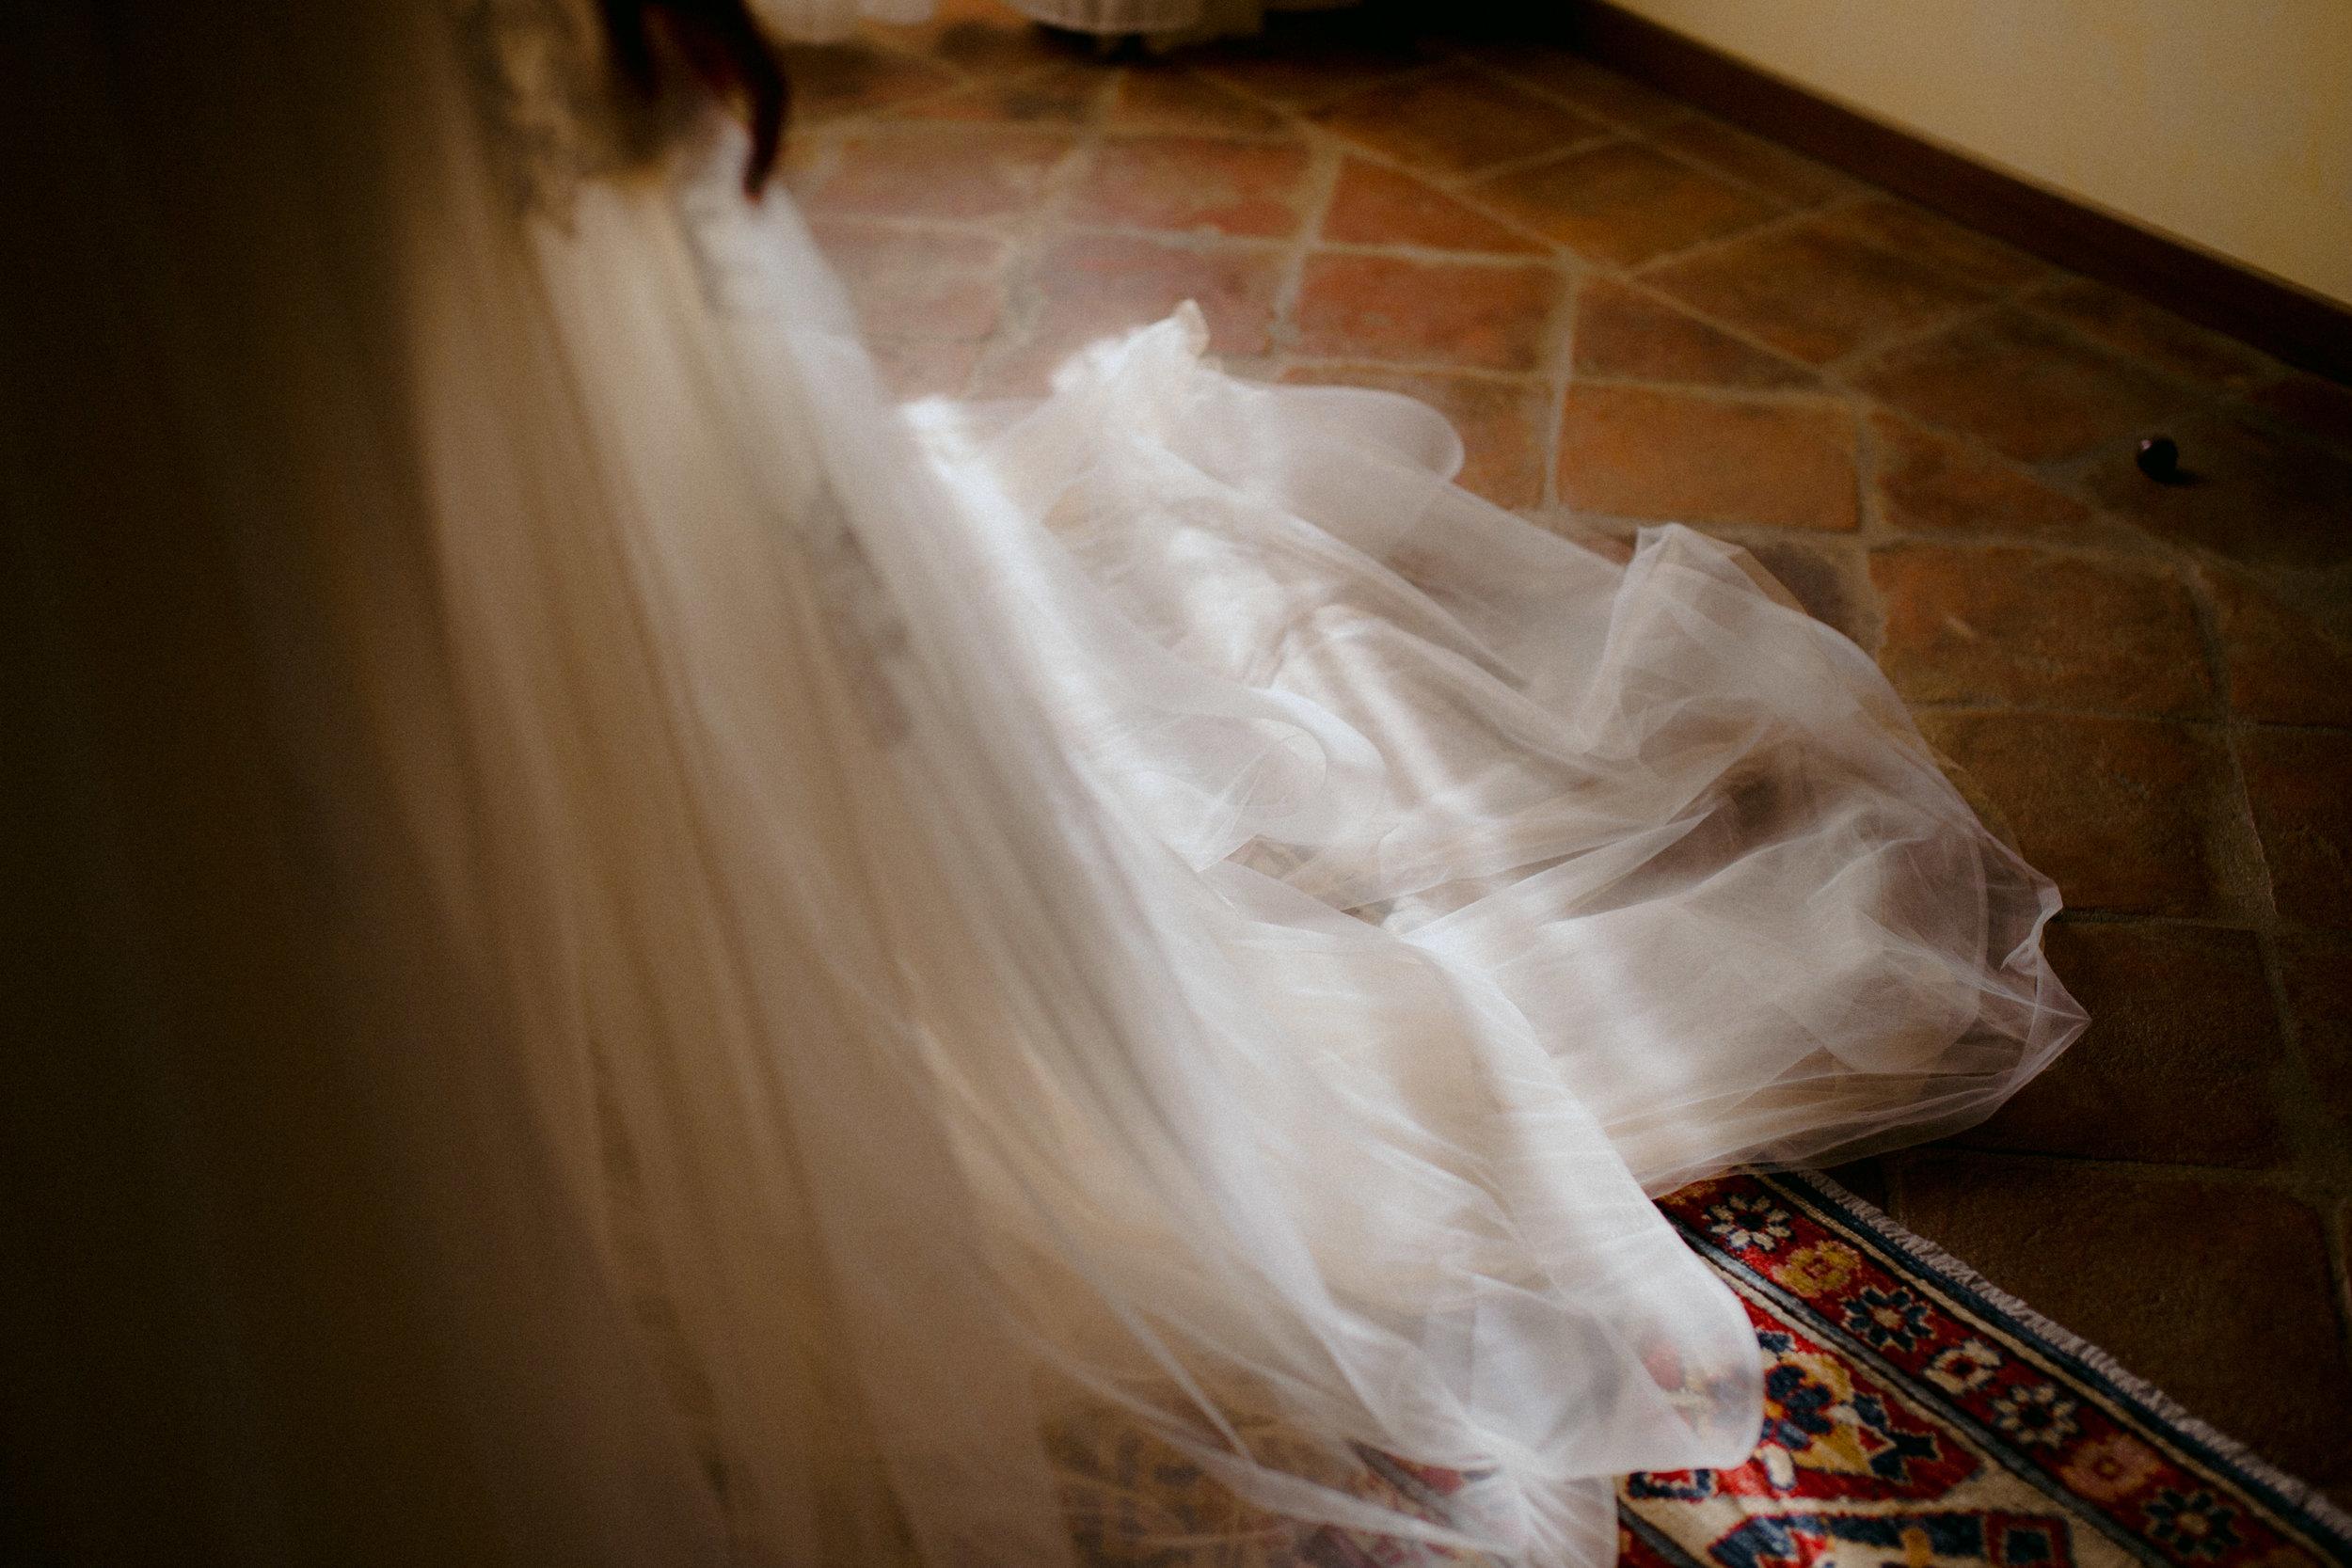 001 - Preparazione sposa-15.JPG